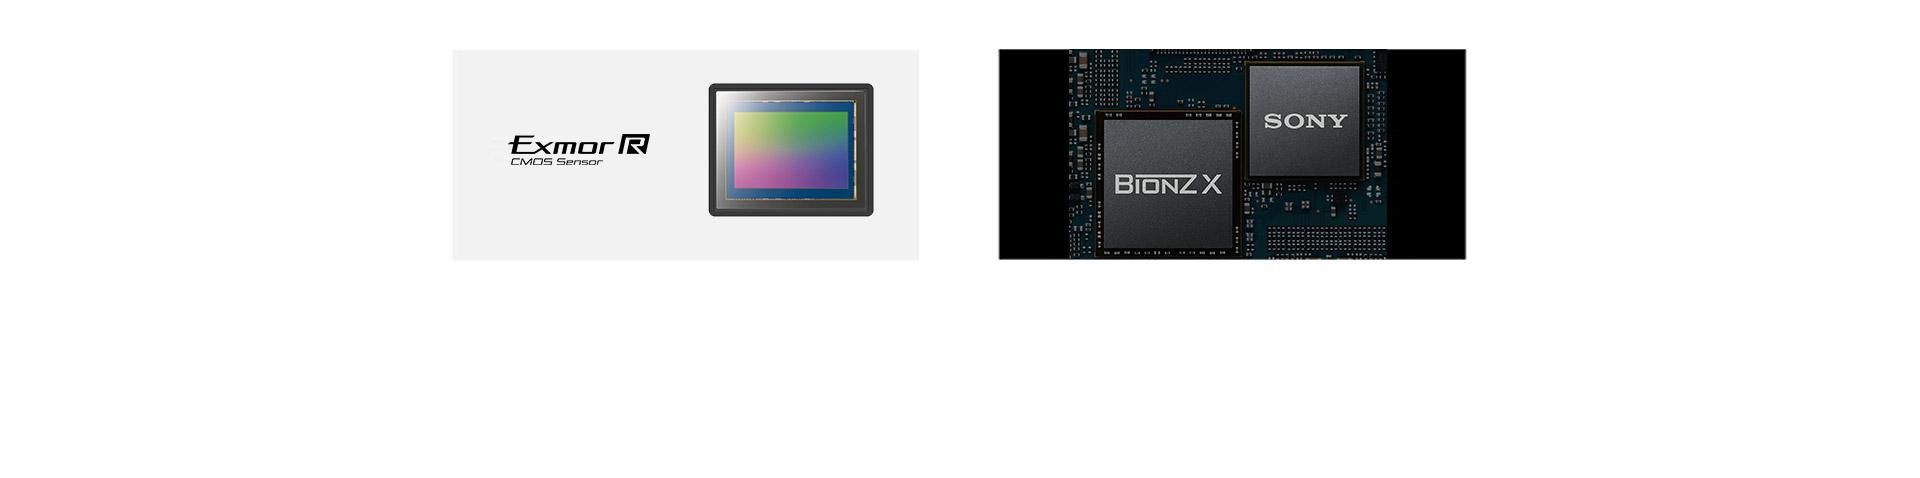 全画幅Exmor R CMOS传感器&BIONZ X影像处理器